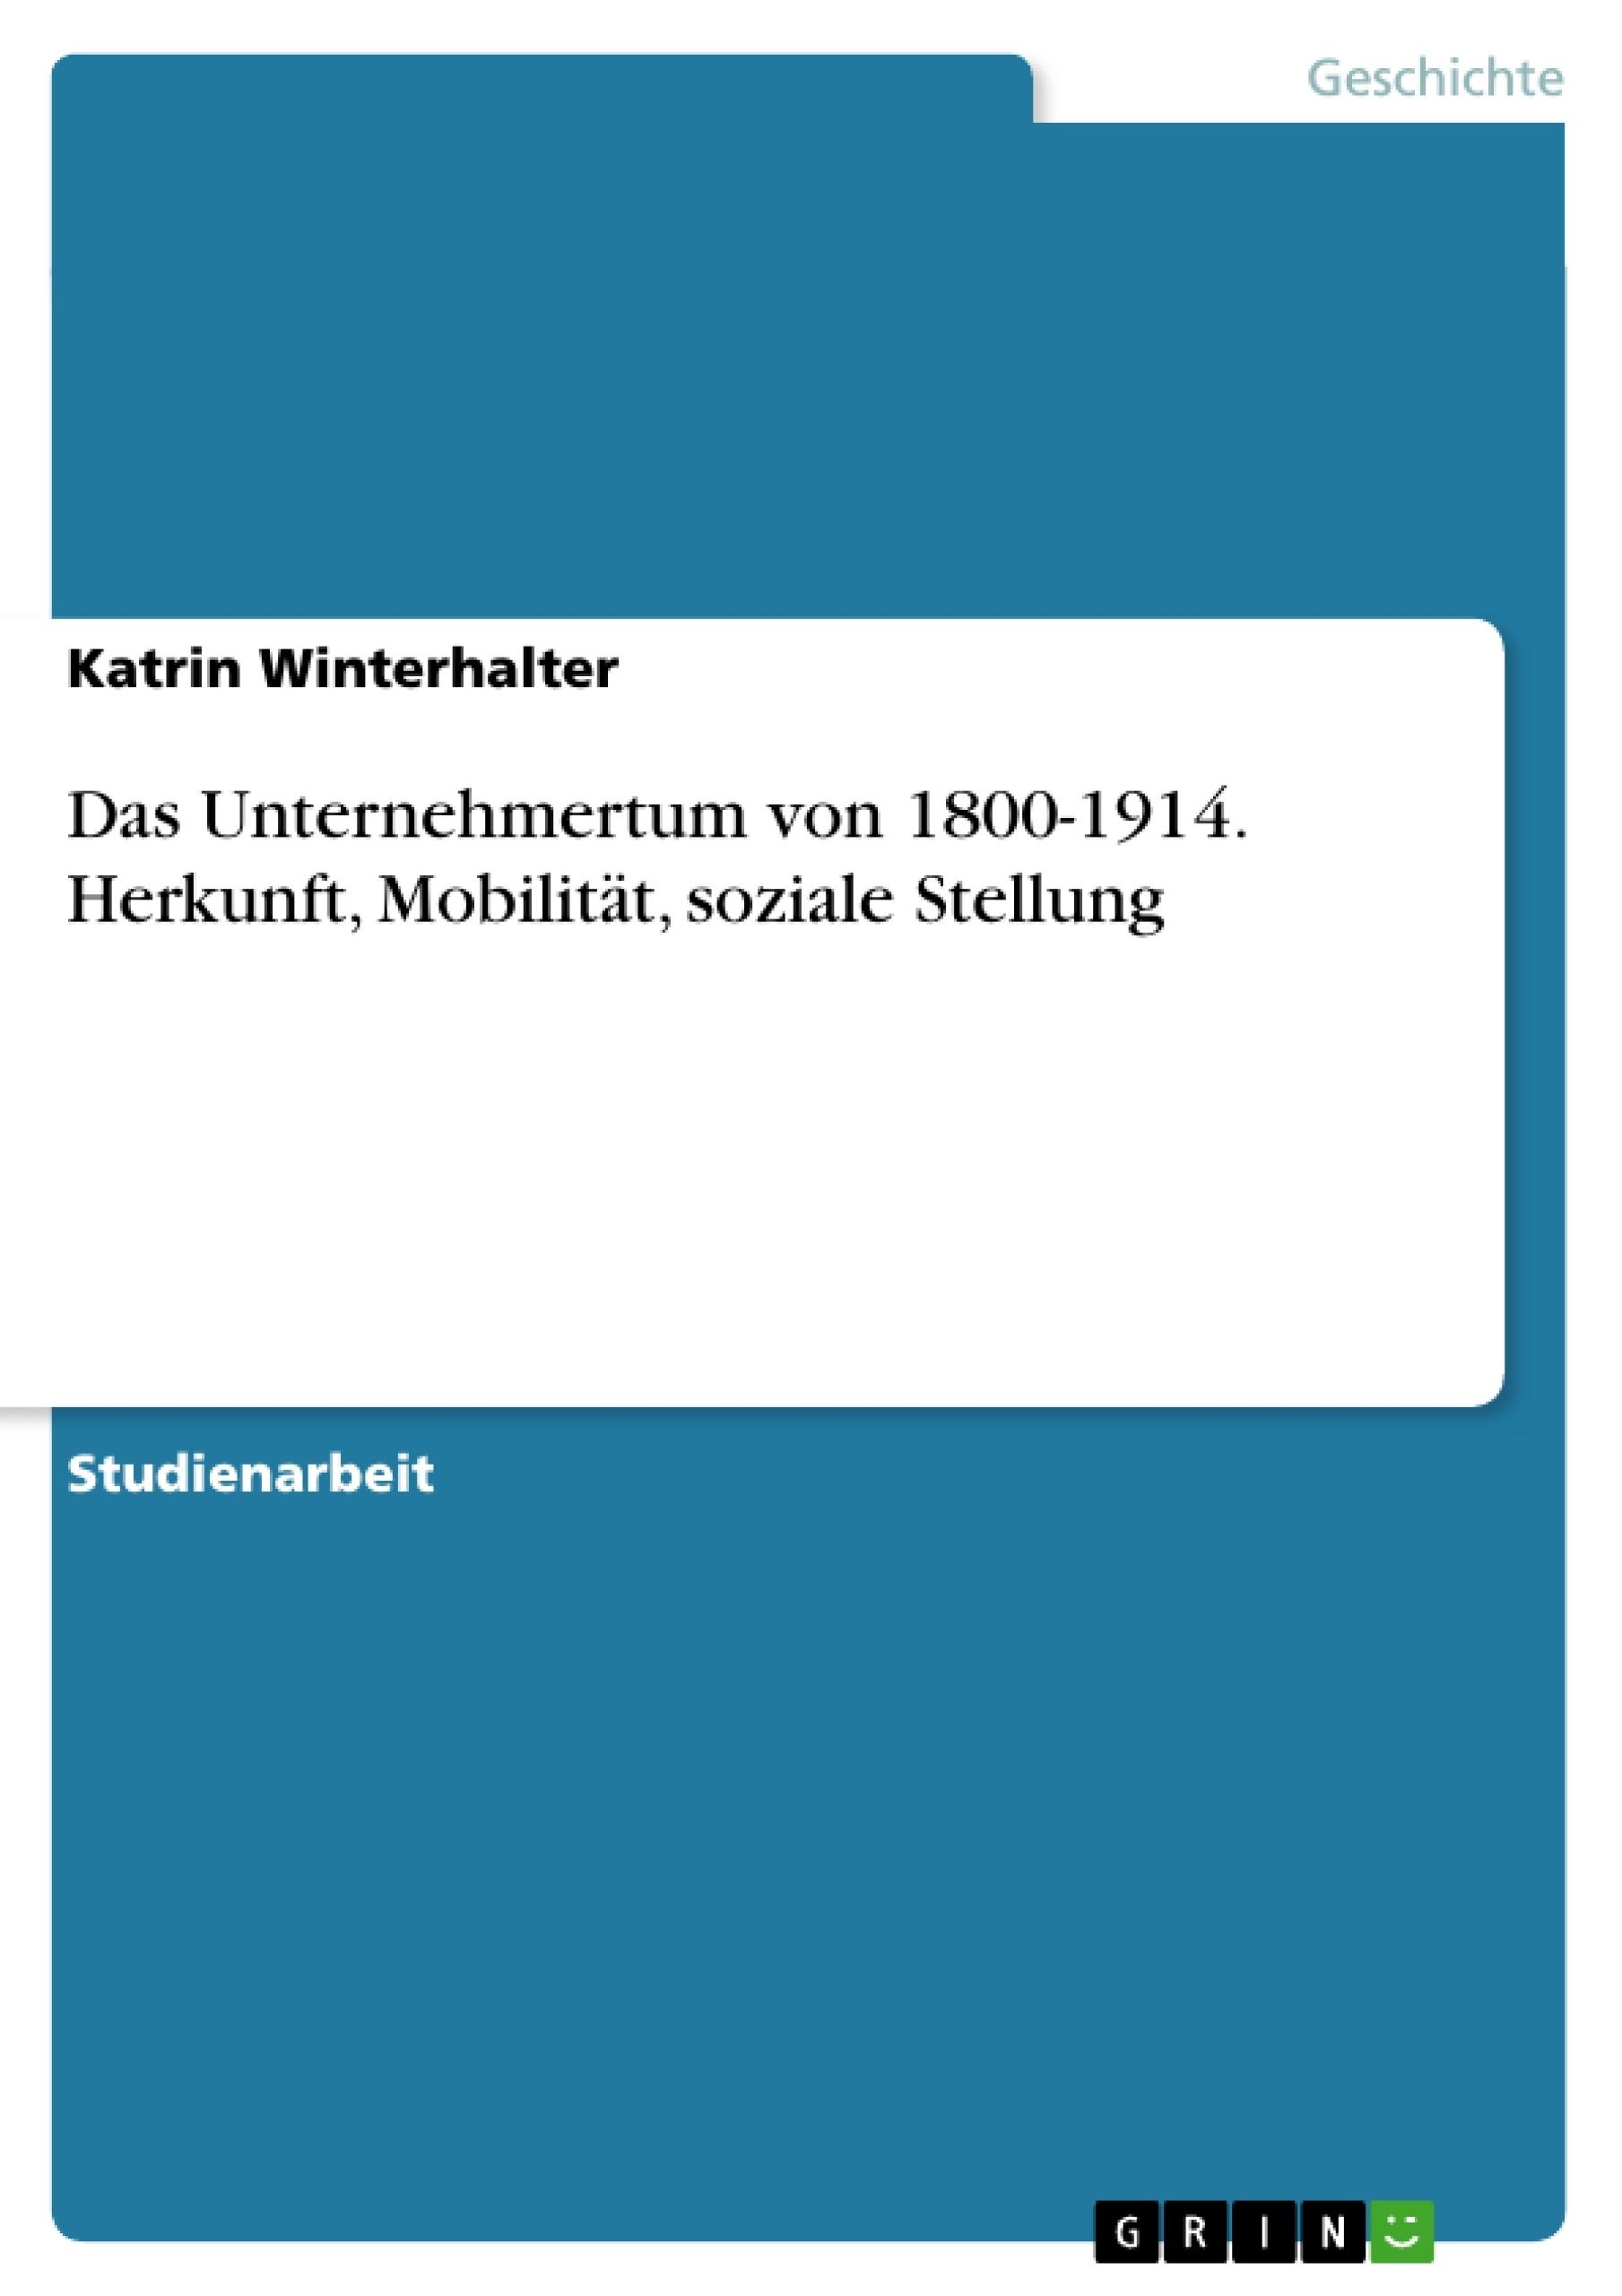 Titel: Das Unternehmertum von 1800-1914. Herkunft, Mobilität, soziale Stellung